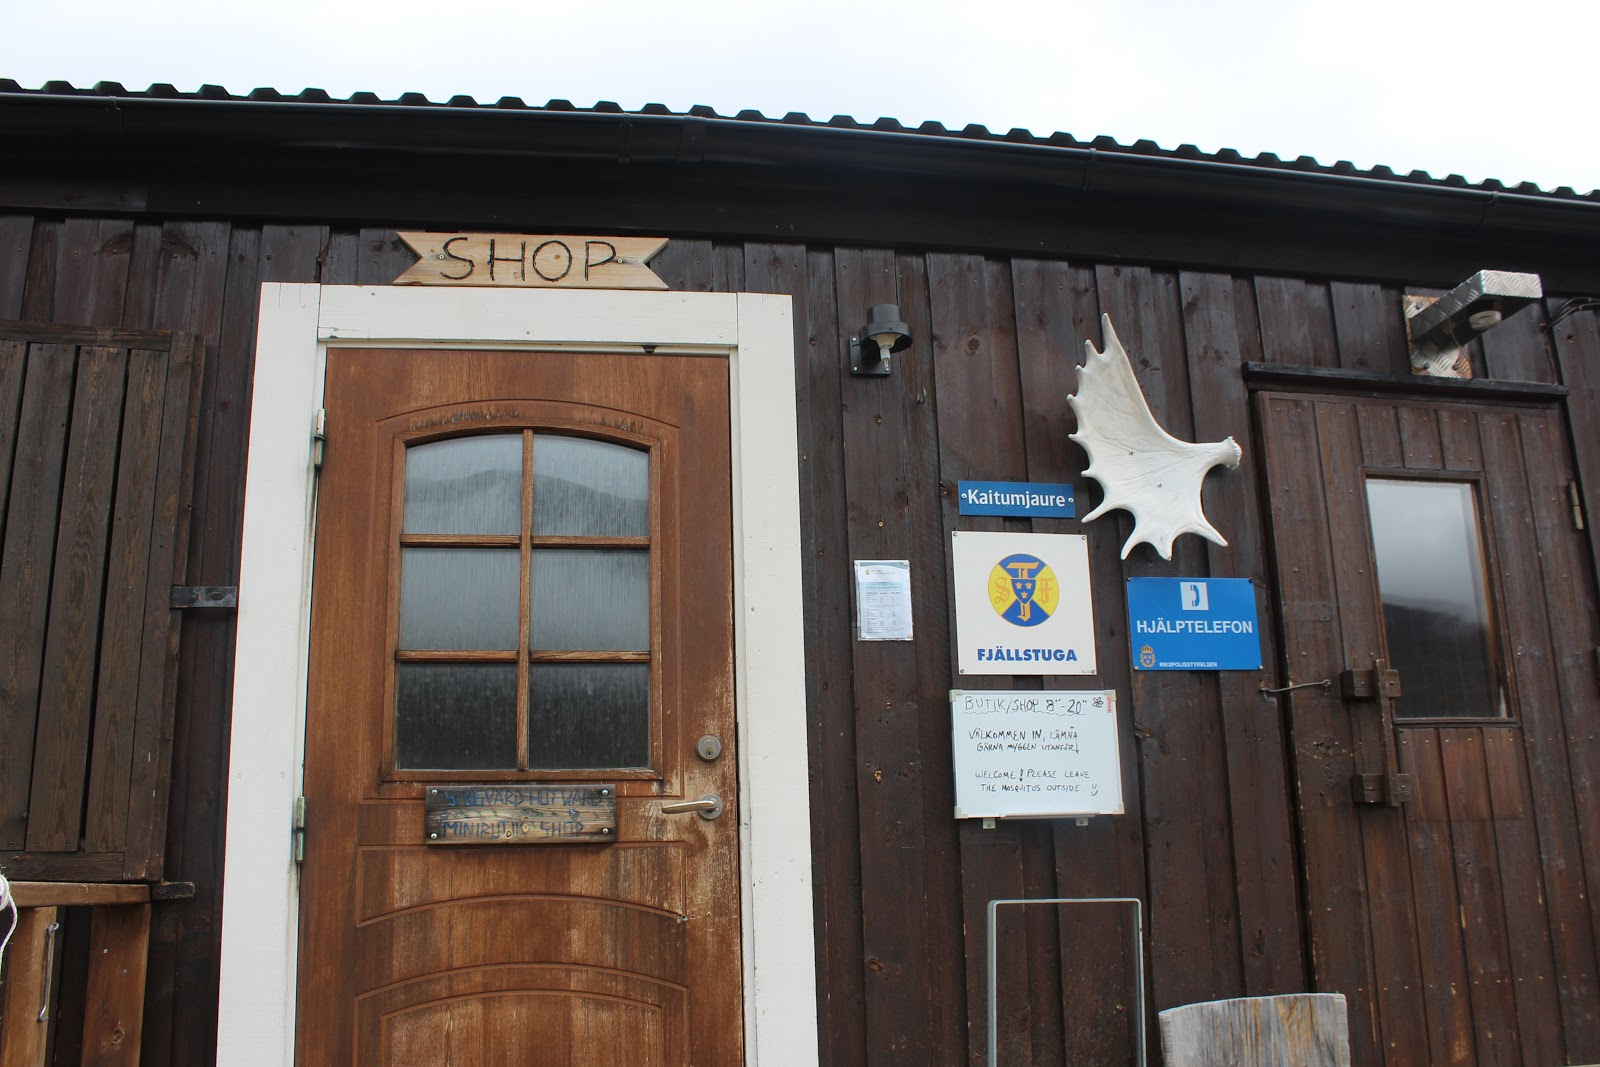 Пешеходный поход I к.с. по Сев. Швеции (нац. маршрут Kungsleden)